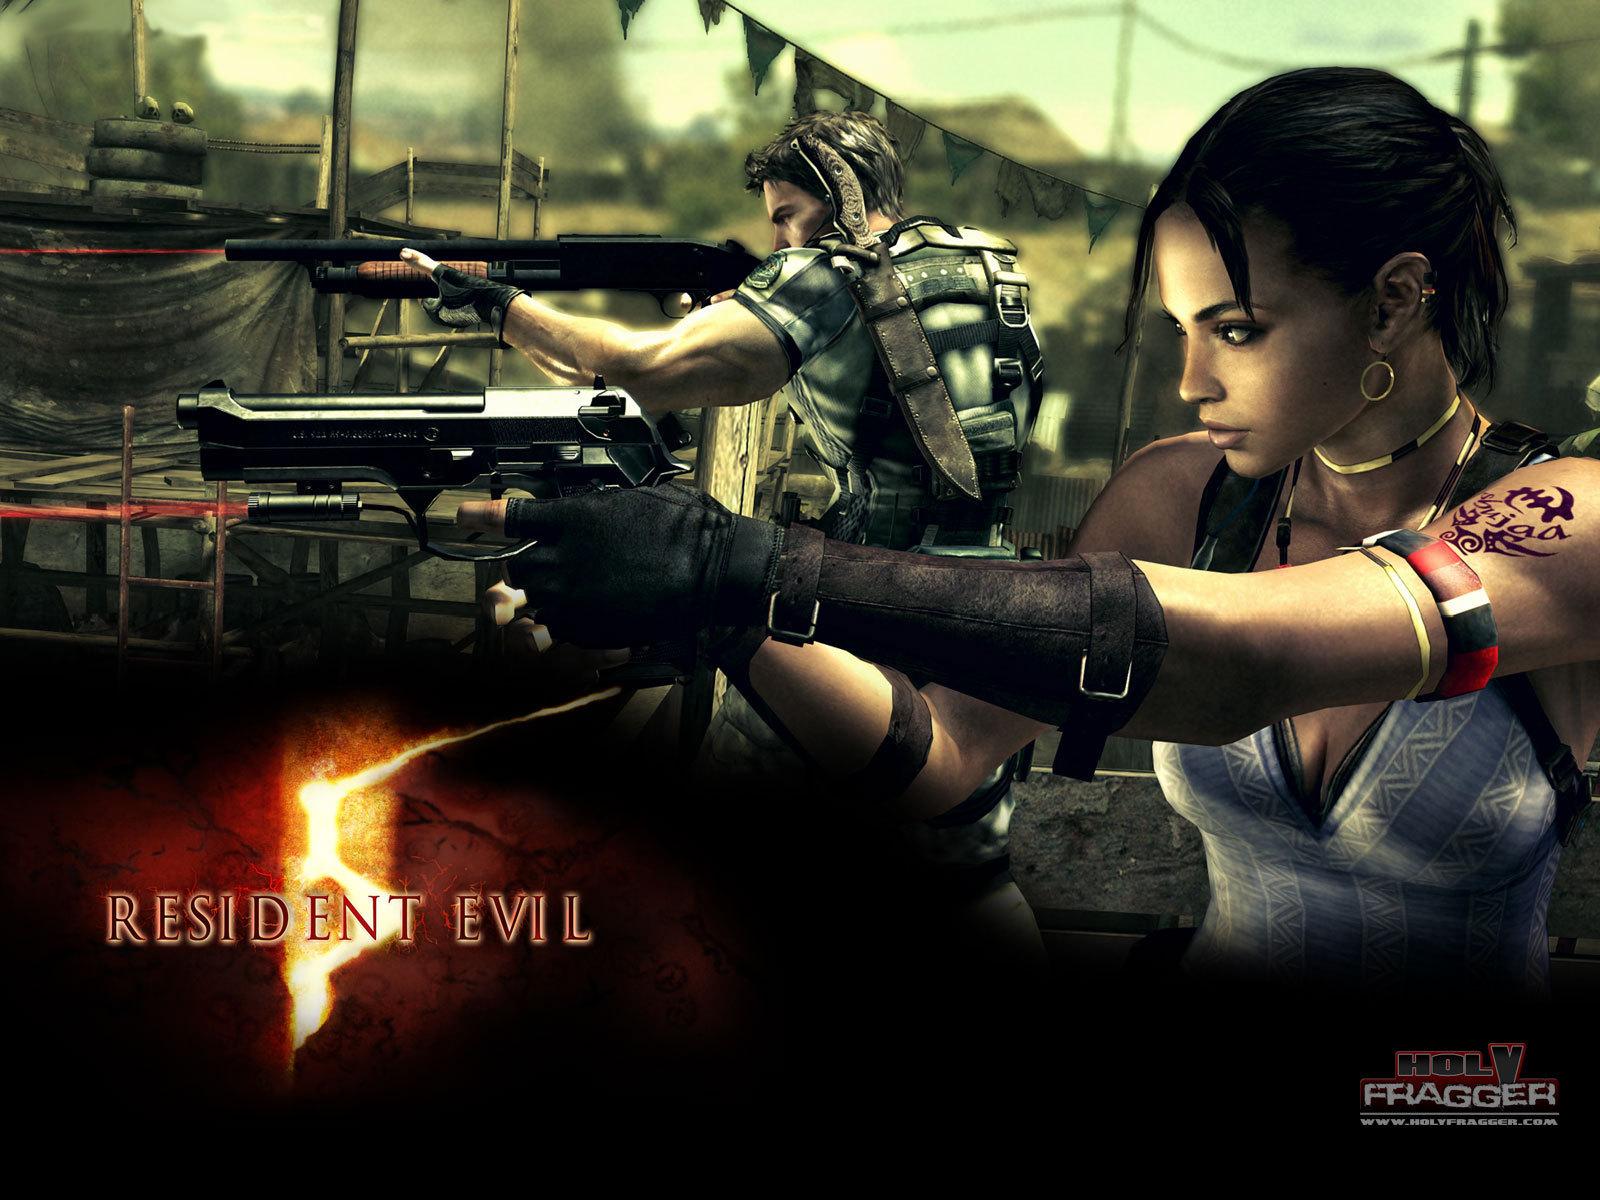 Resident Evil 5 Игры Обои и фото.